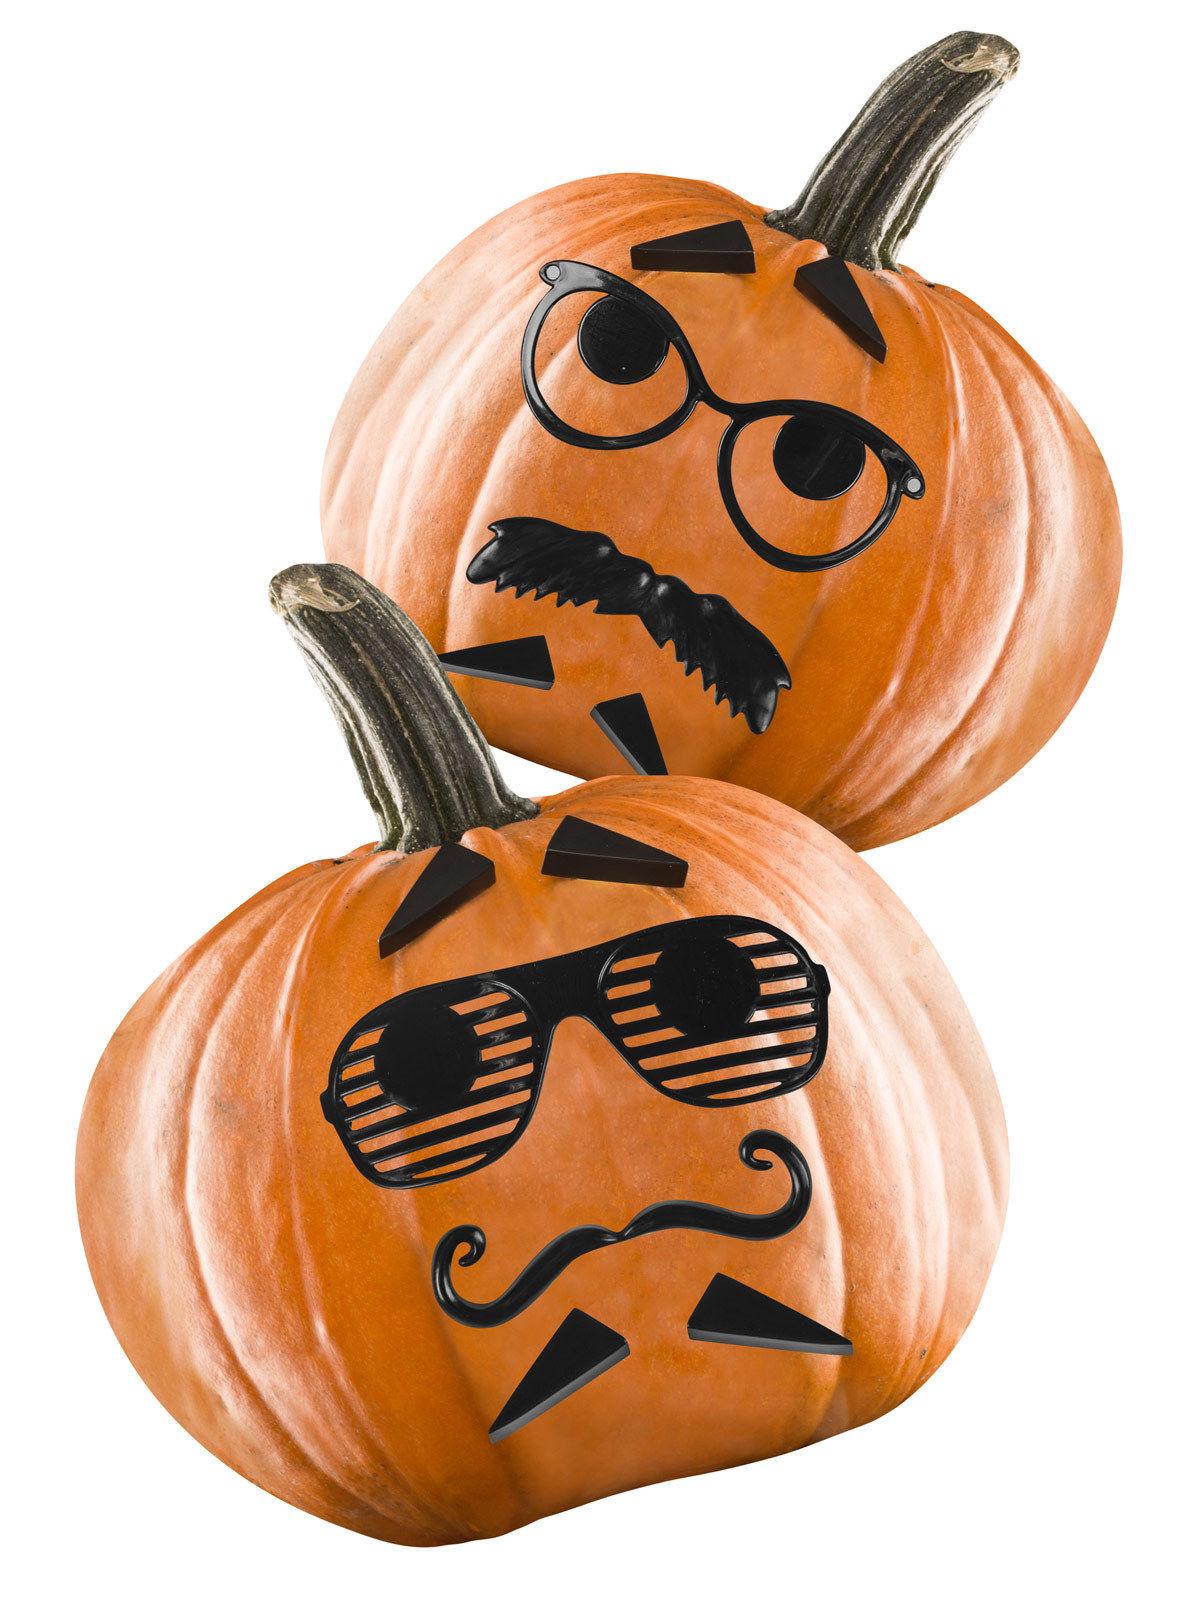 Lote de 12 decoraciones para calabazas de halloween - Decoracion calabazas para halloween ...